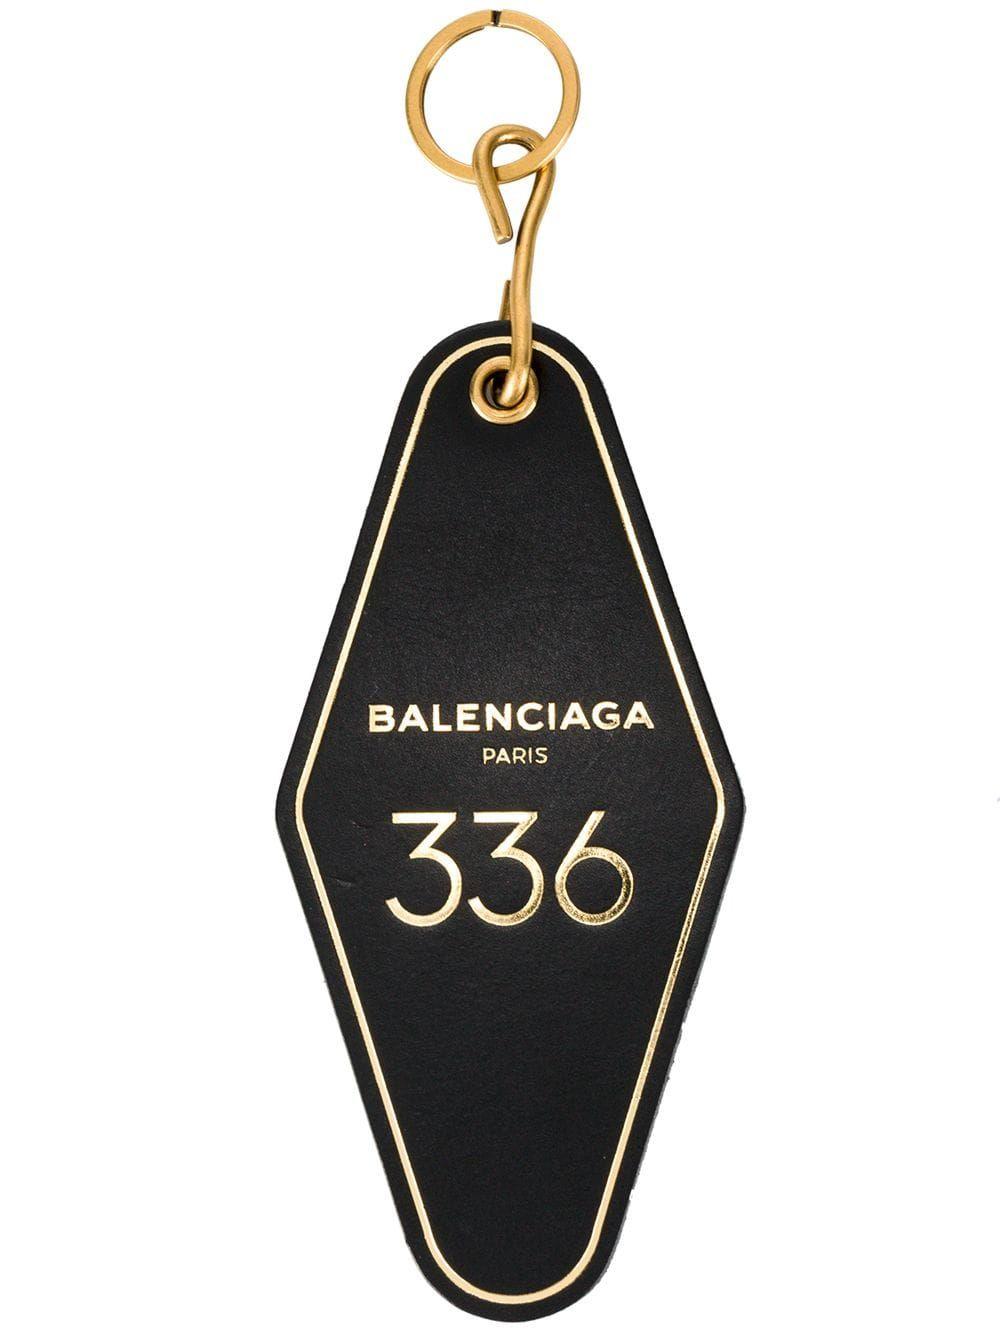 Balenciaga Black Hotel Key Tag Keyring Key Tags Balenciaga Keyrings